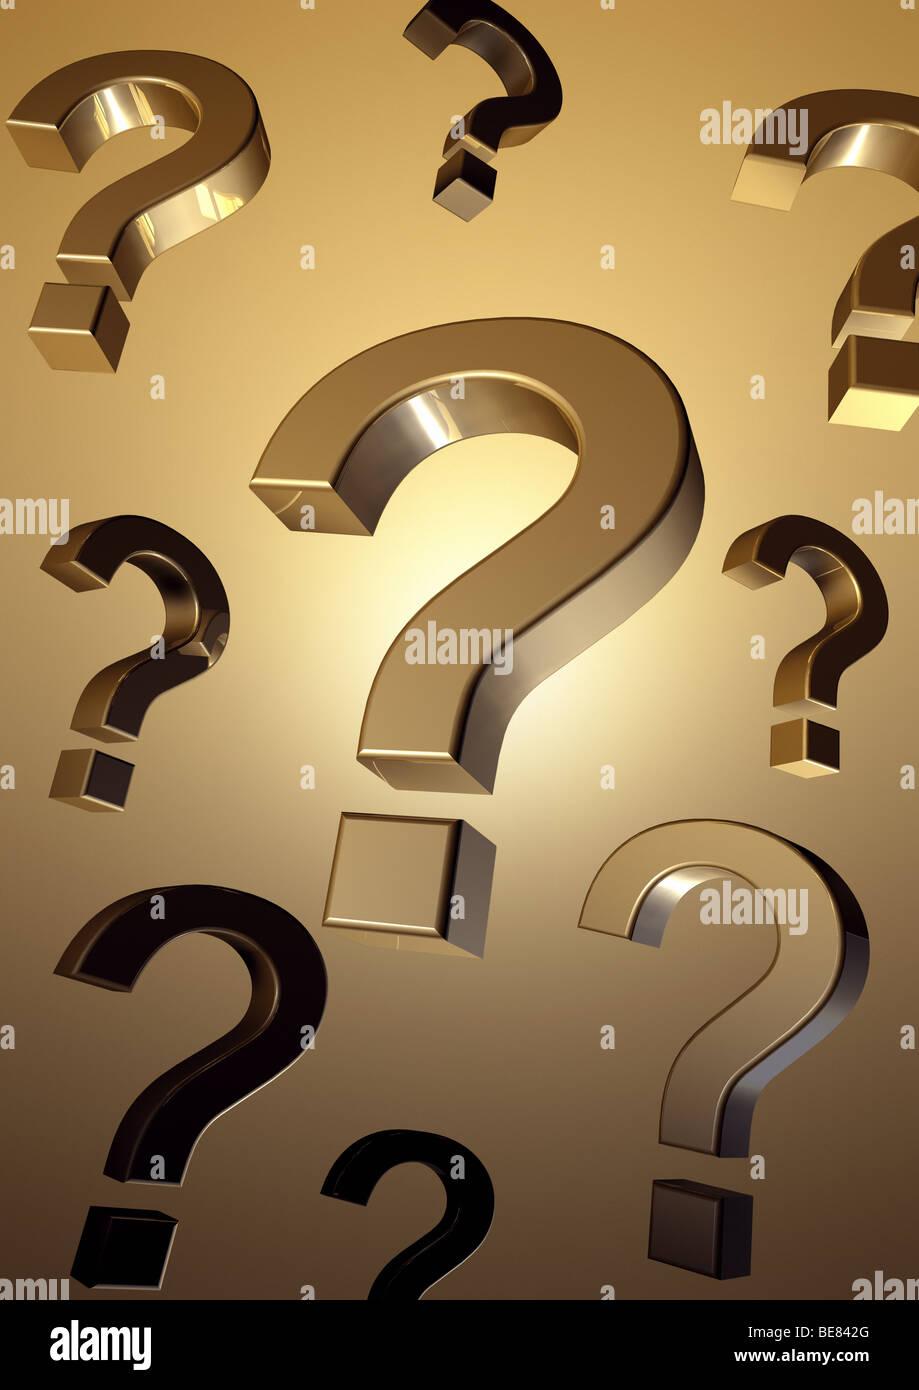 Flying Question Marks - Fliegende Fragezeichen - Stock Image